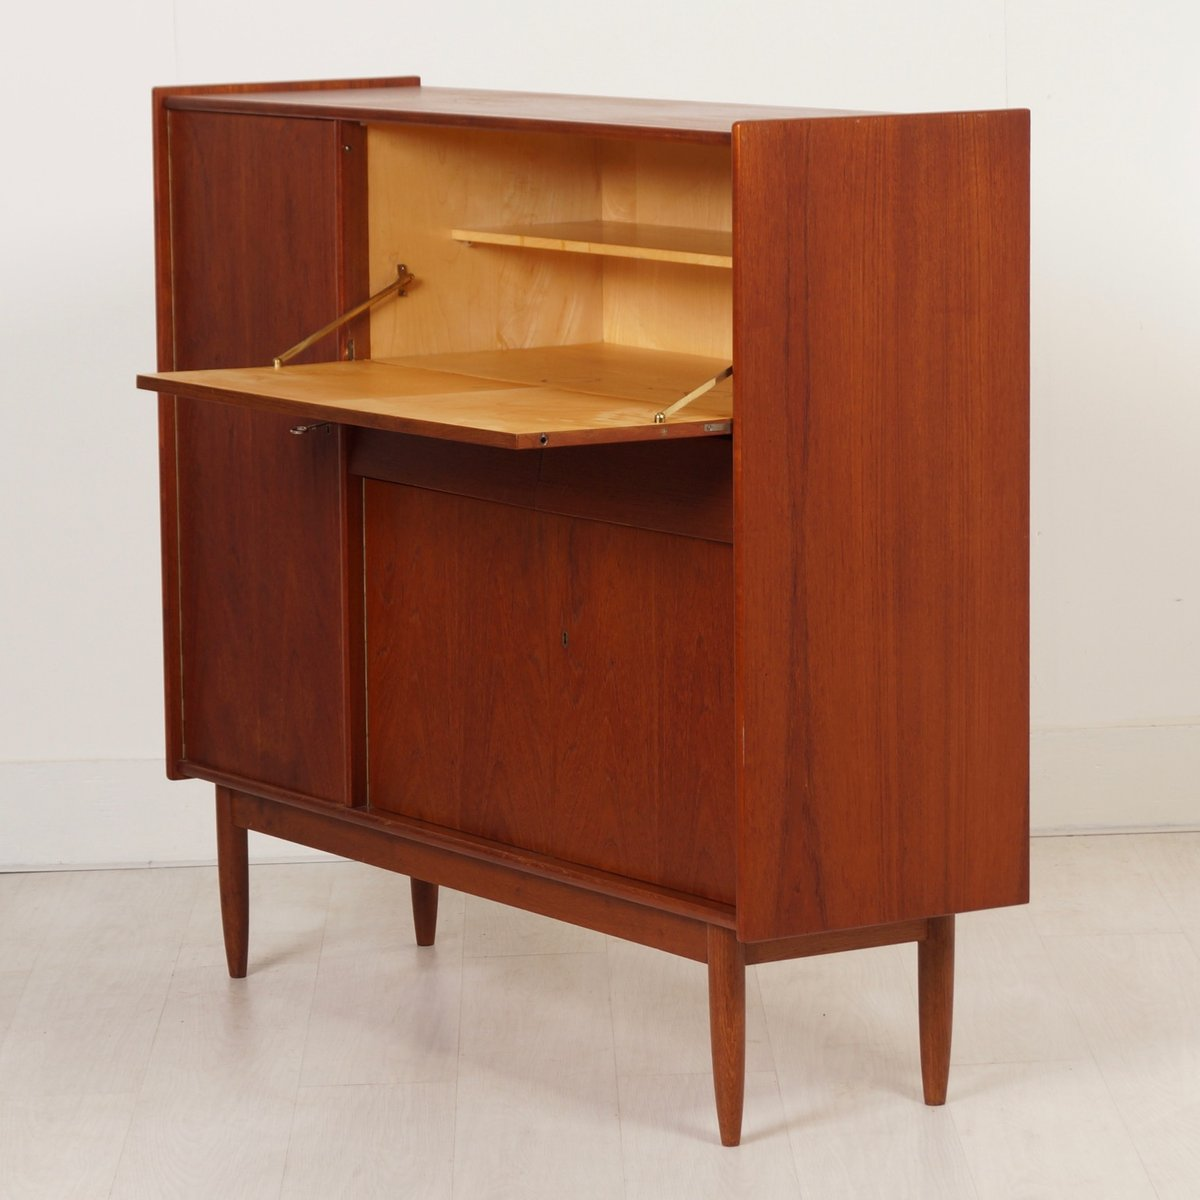 secr taire avec meuble vintage en teck 1960s en vente sur pamono. Black Bedroom Furniture Sets. Home Design Ideas